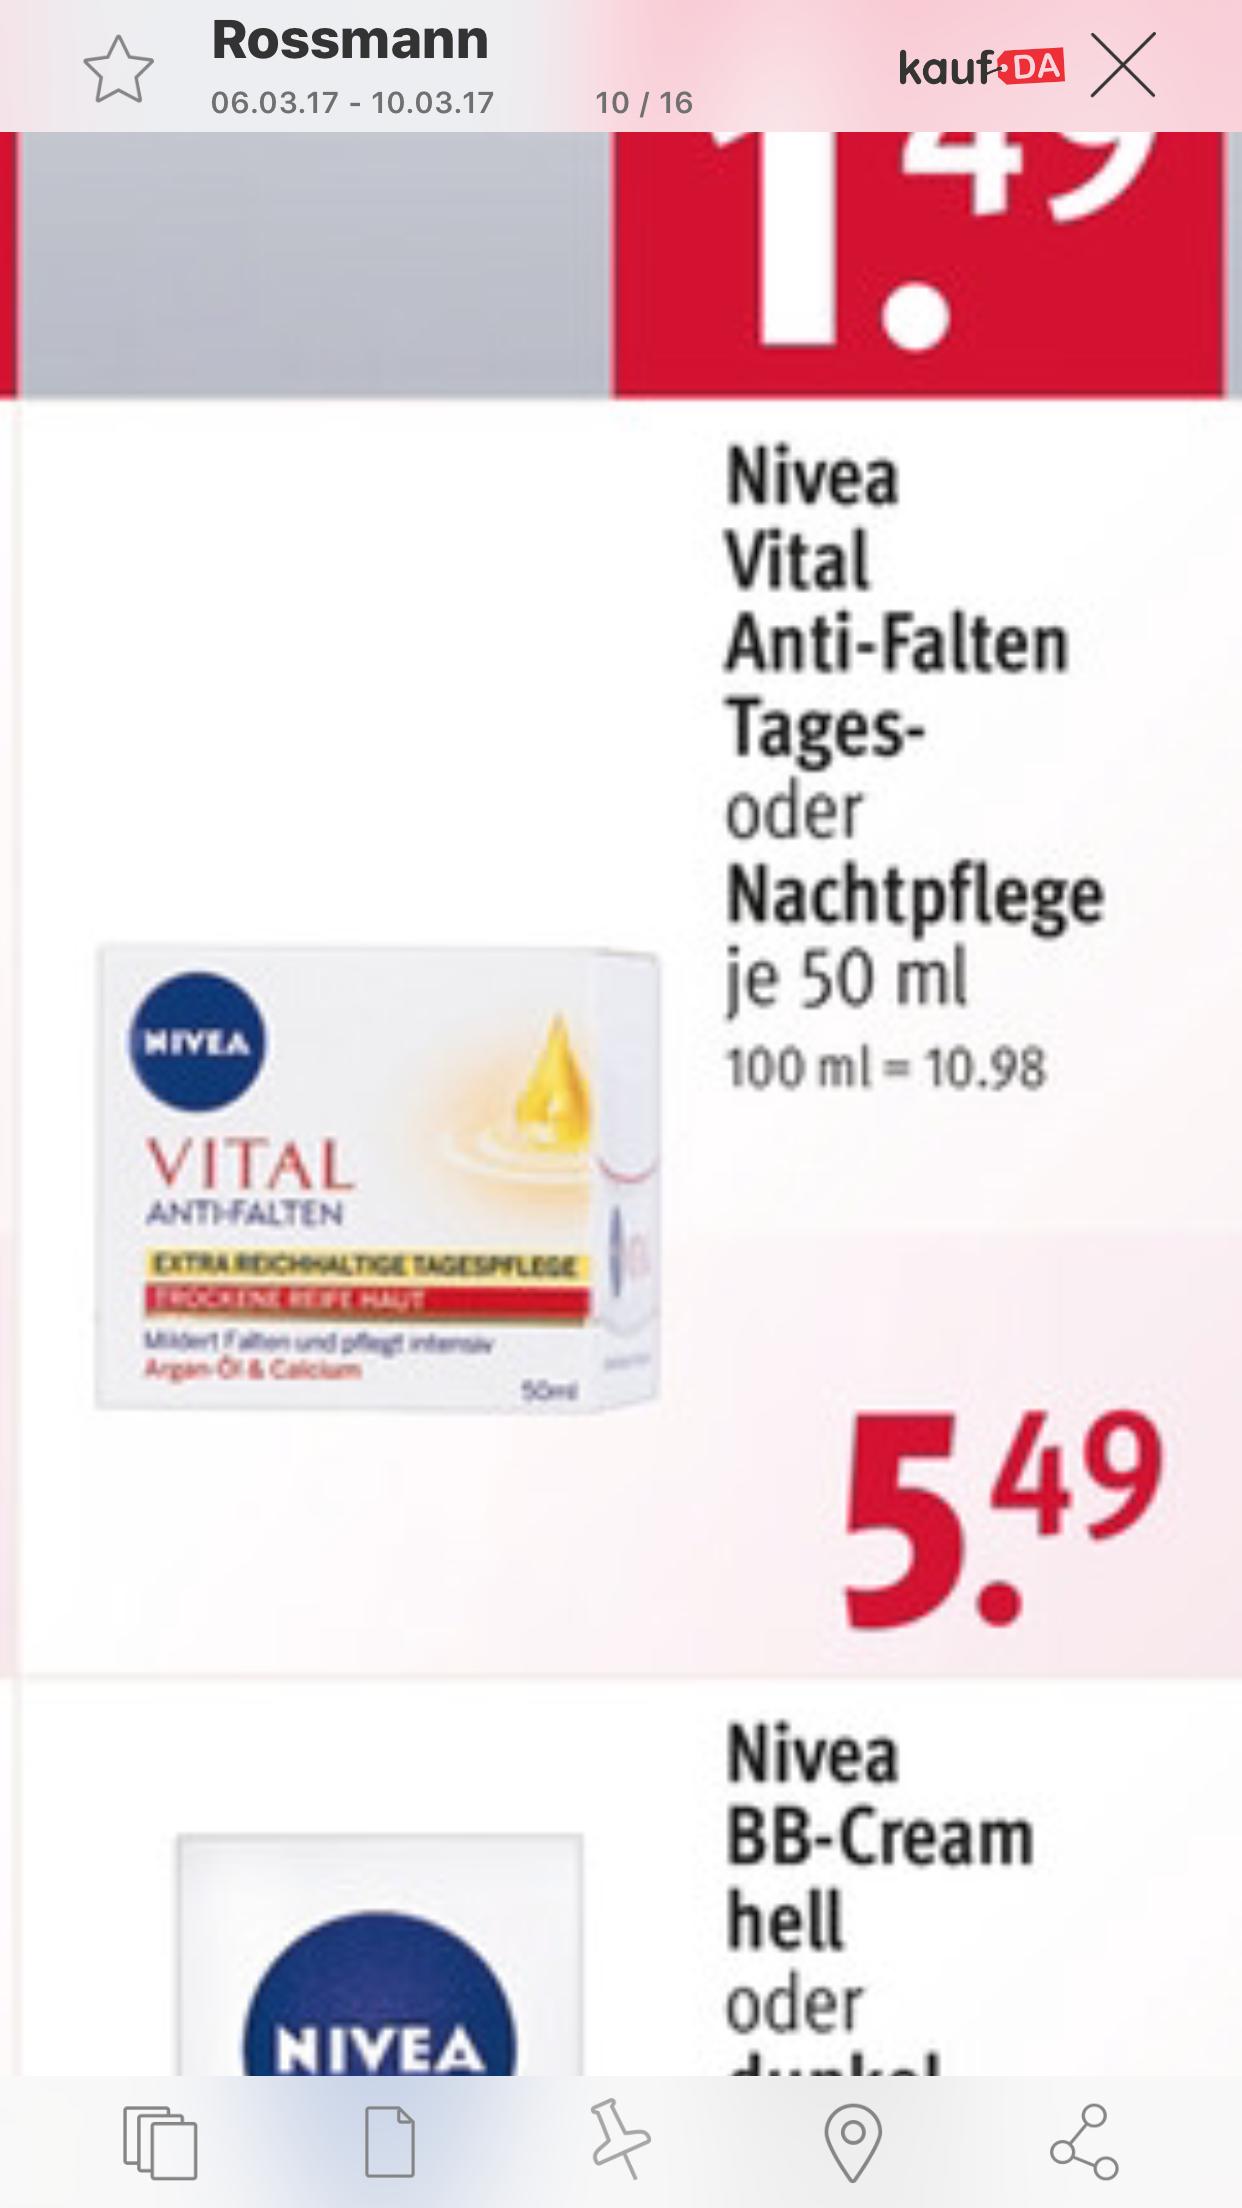 Nivea Tages oder Nachtpflege für 0€ mit 5€ Cashback / Freebie